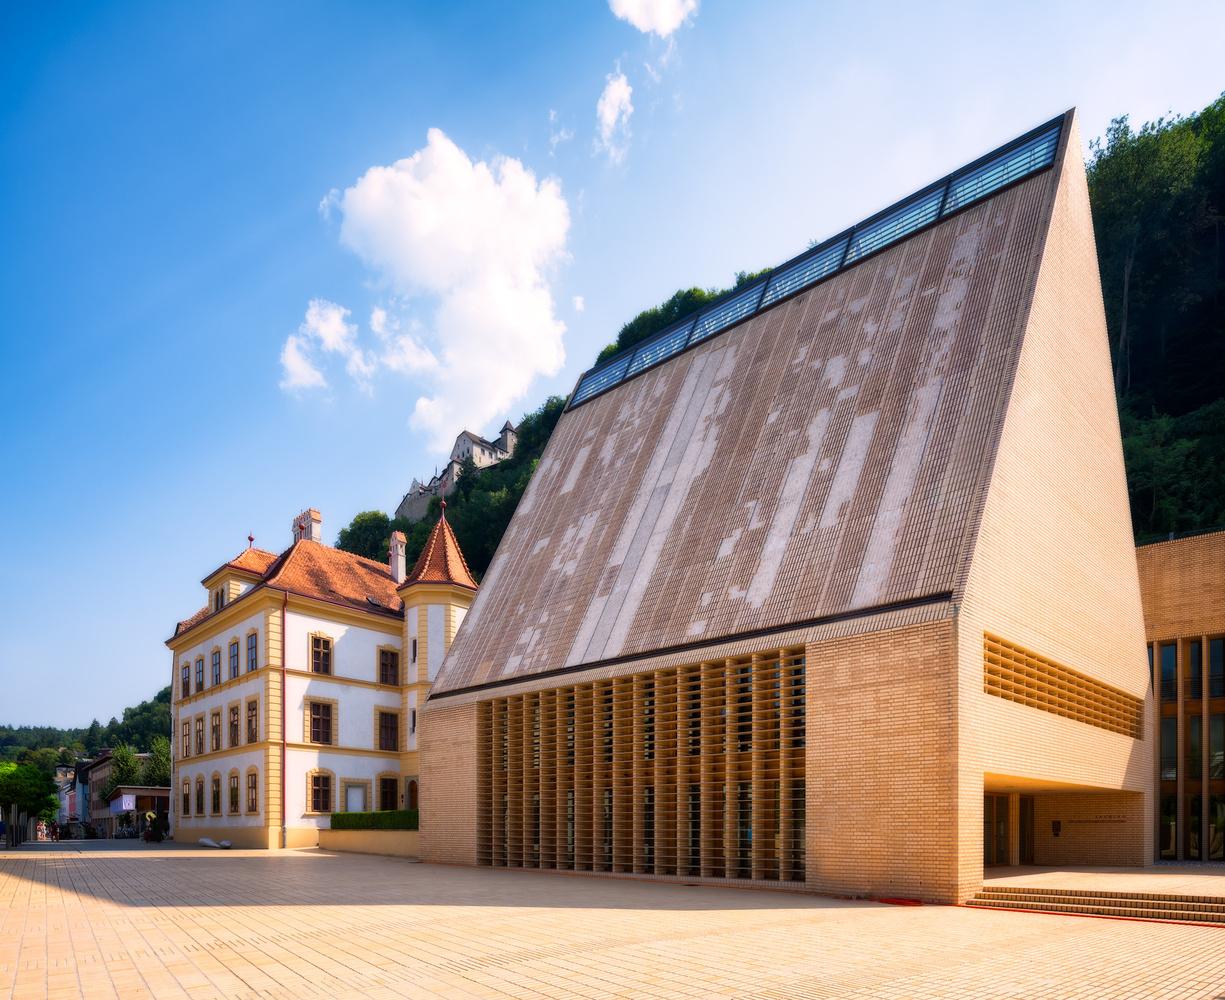 Landtag of Liechtenstein | Vaduz, Liechtenstein by Nico Trinkhaus